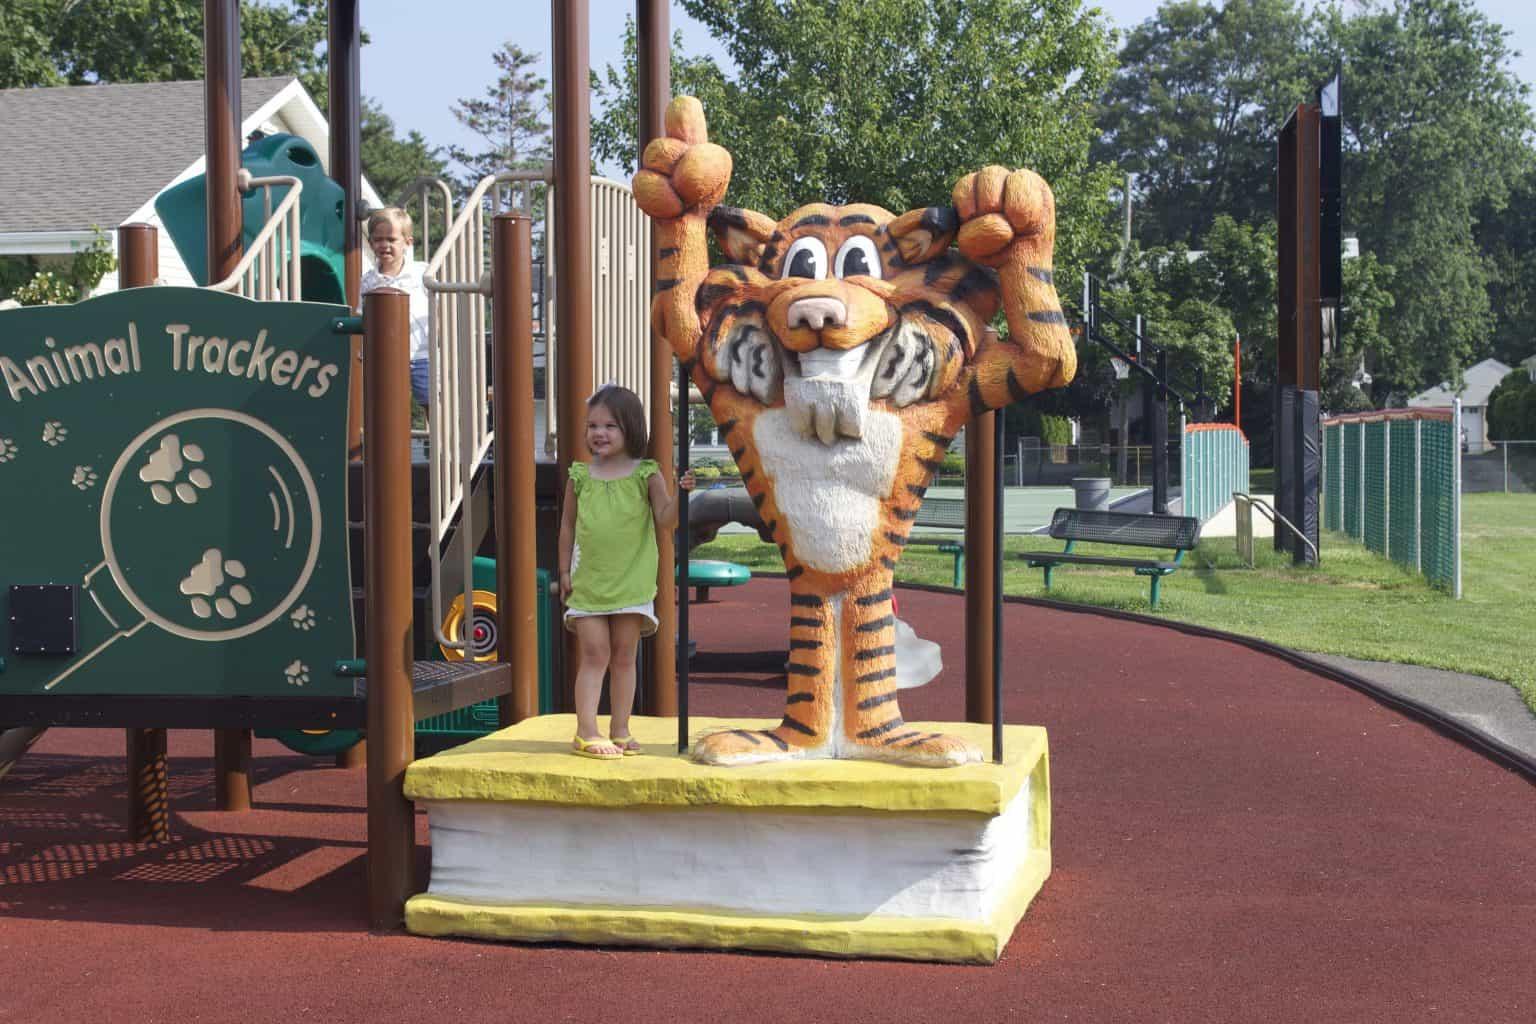 mountz-elementary-playground-spring-lake-nj_11653714595_o-1536x1024